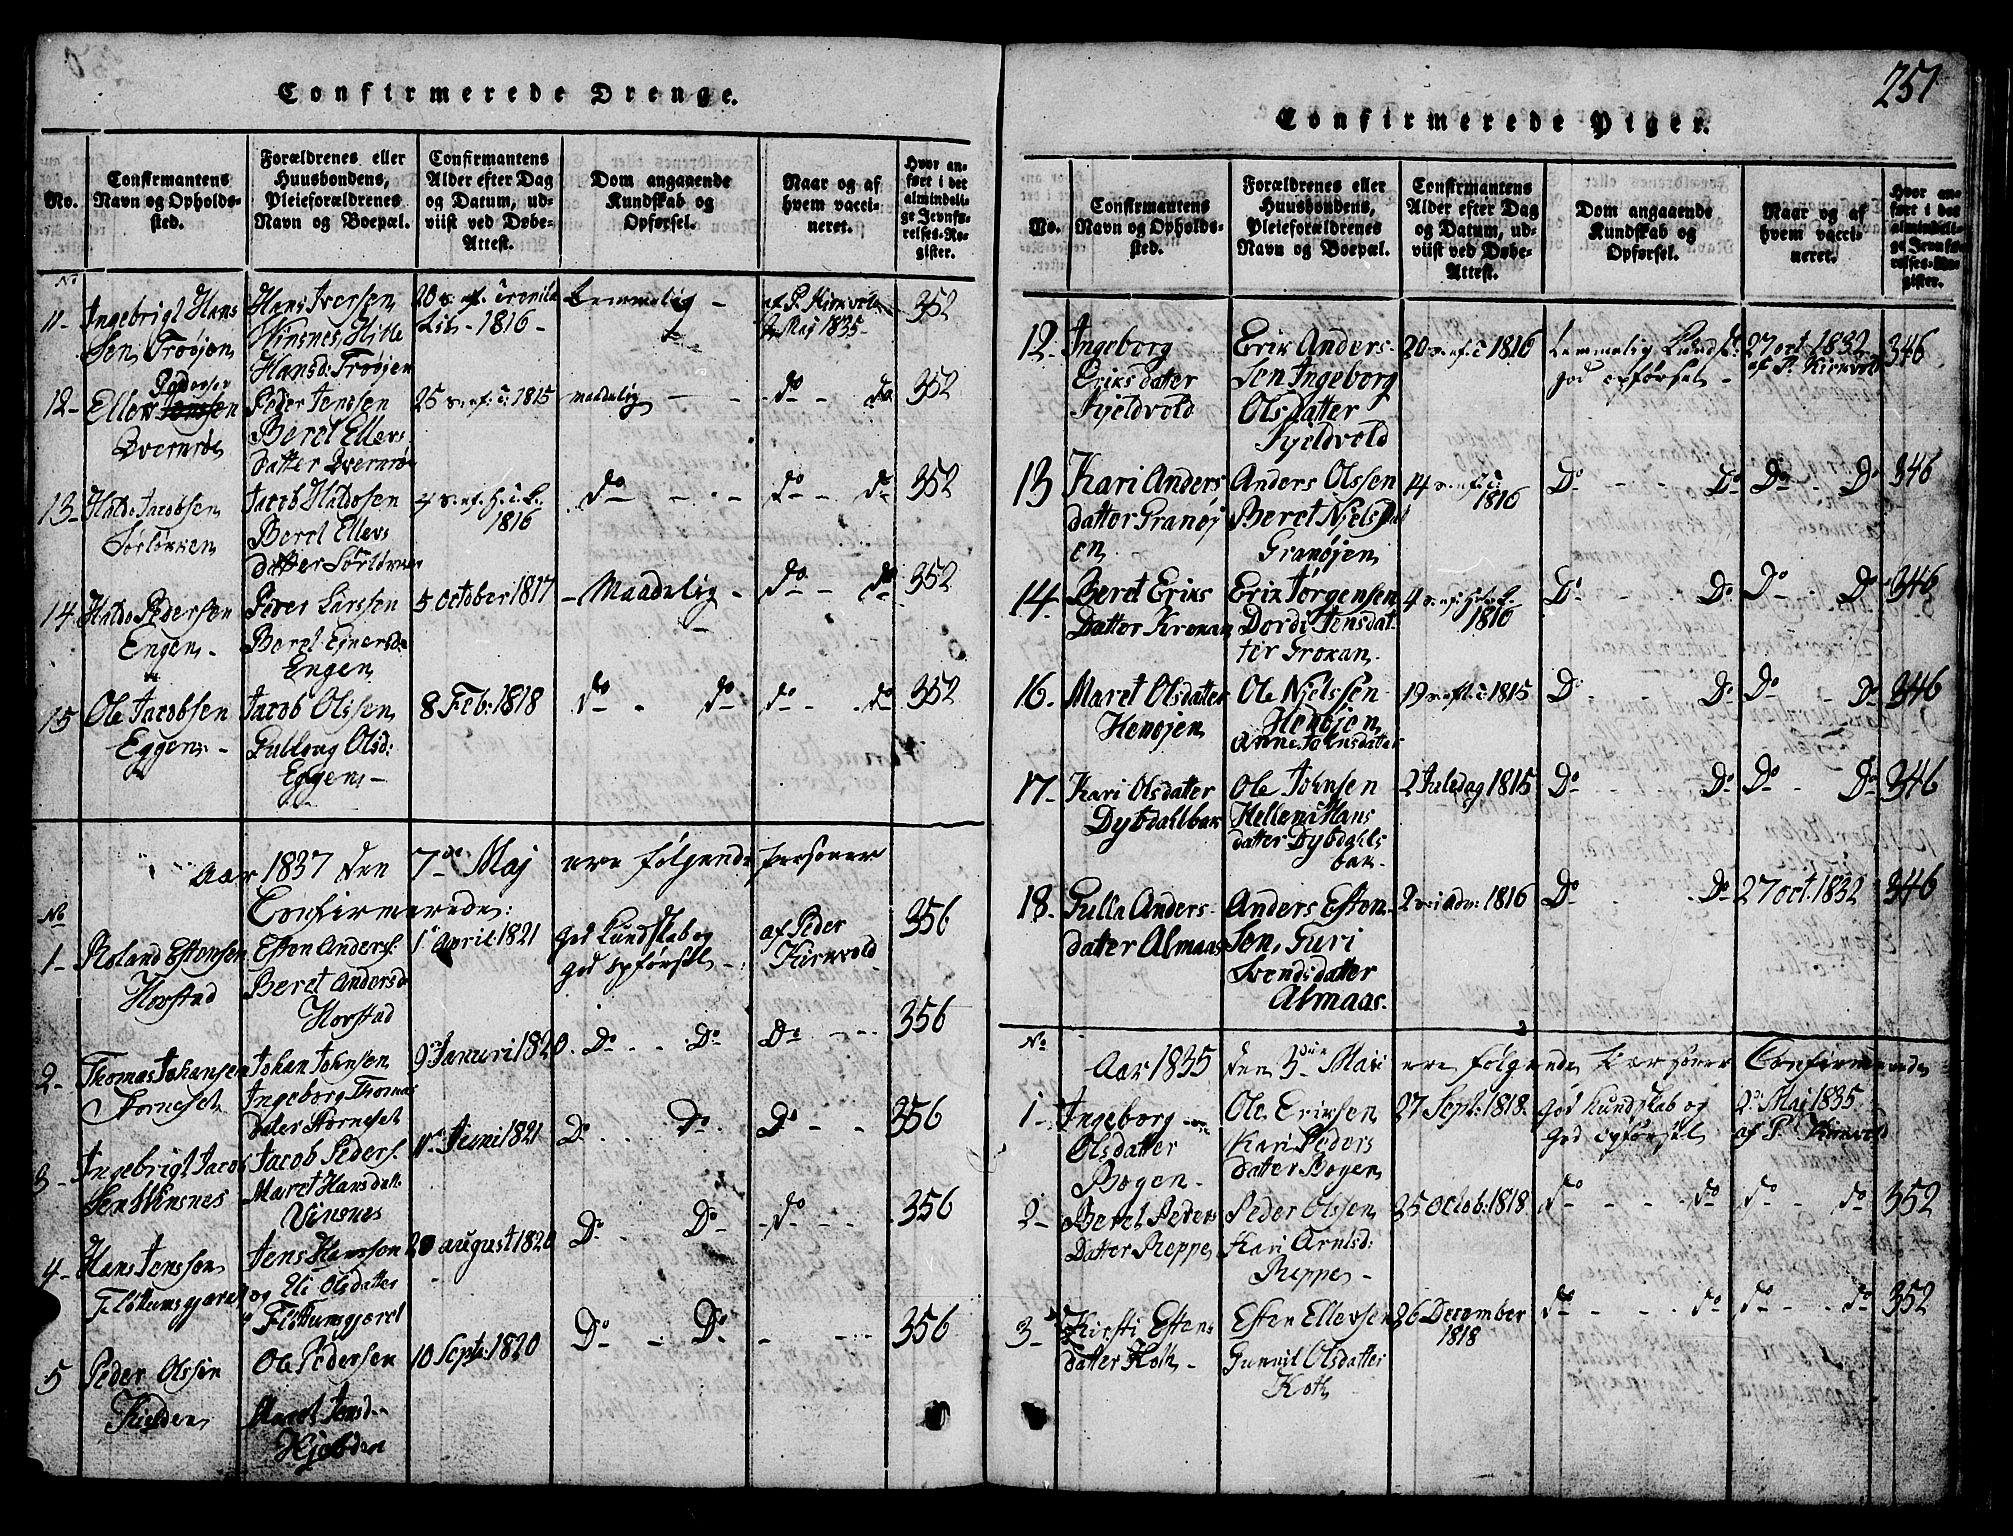 SAT, Ministerialprotokoller, klokkerbøker og fødselsregistre - Sør-Trøndelag, 688/L1026: Klokkerbok nr. 688C01, 1817-1860, s. 251